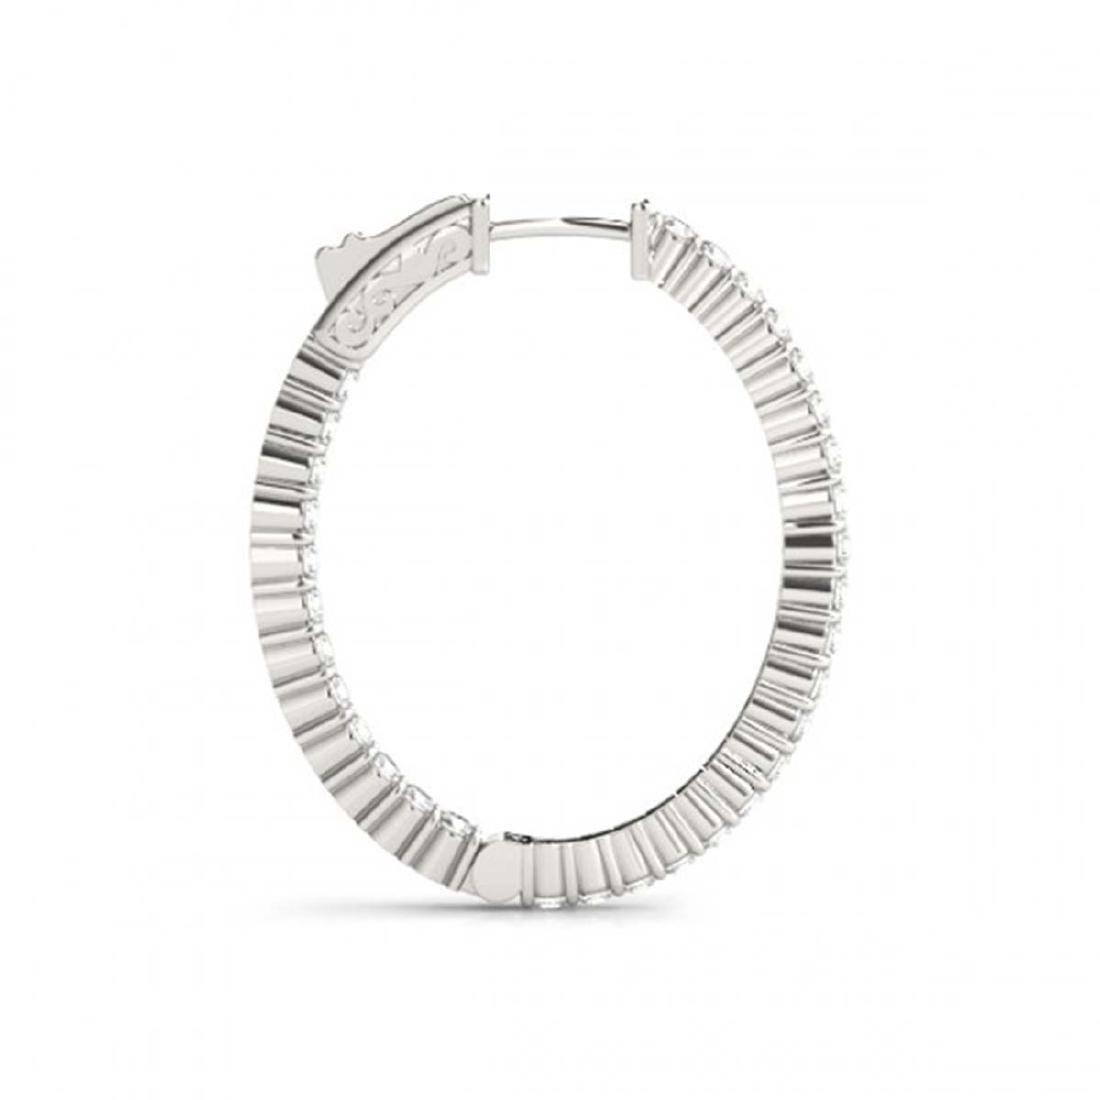 5 CTW Diamond VS/SI 32 Mm Hoop Earrings 14K White Gold - 3